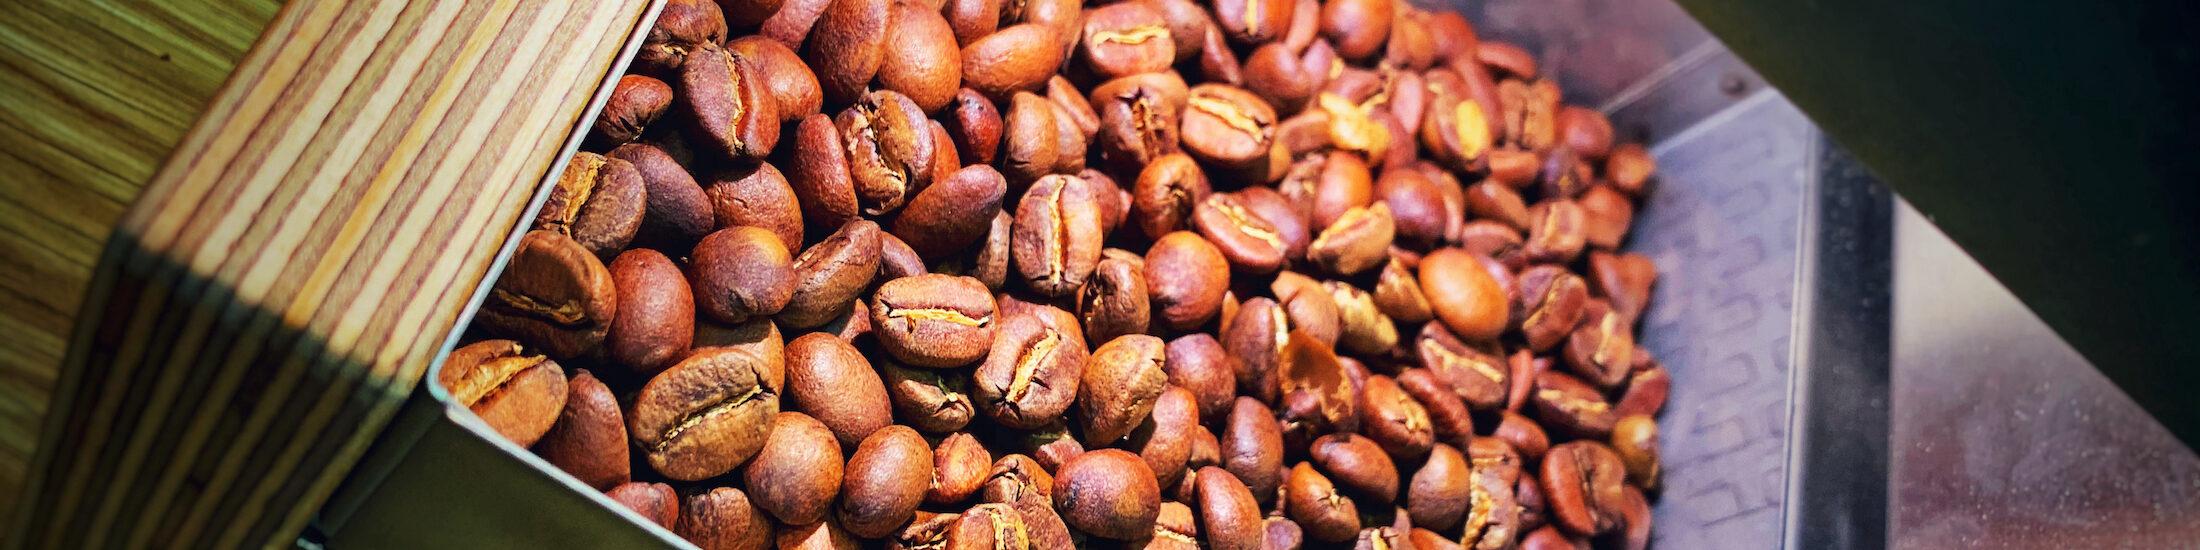 Nach dem Kaffee Rösten, die braunen Bohnen im Kühlsieb des Roest Proben Rösters. Ein Gerät das in vielen Röstereien Einzug hält.